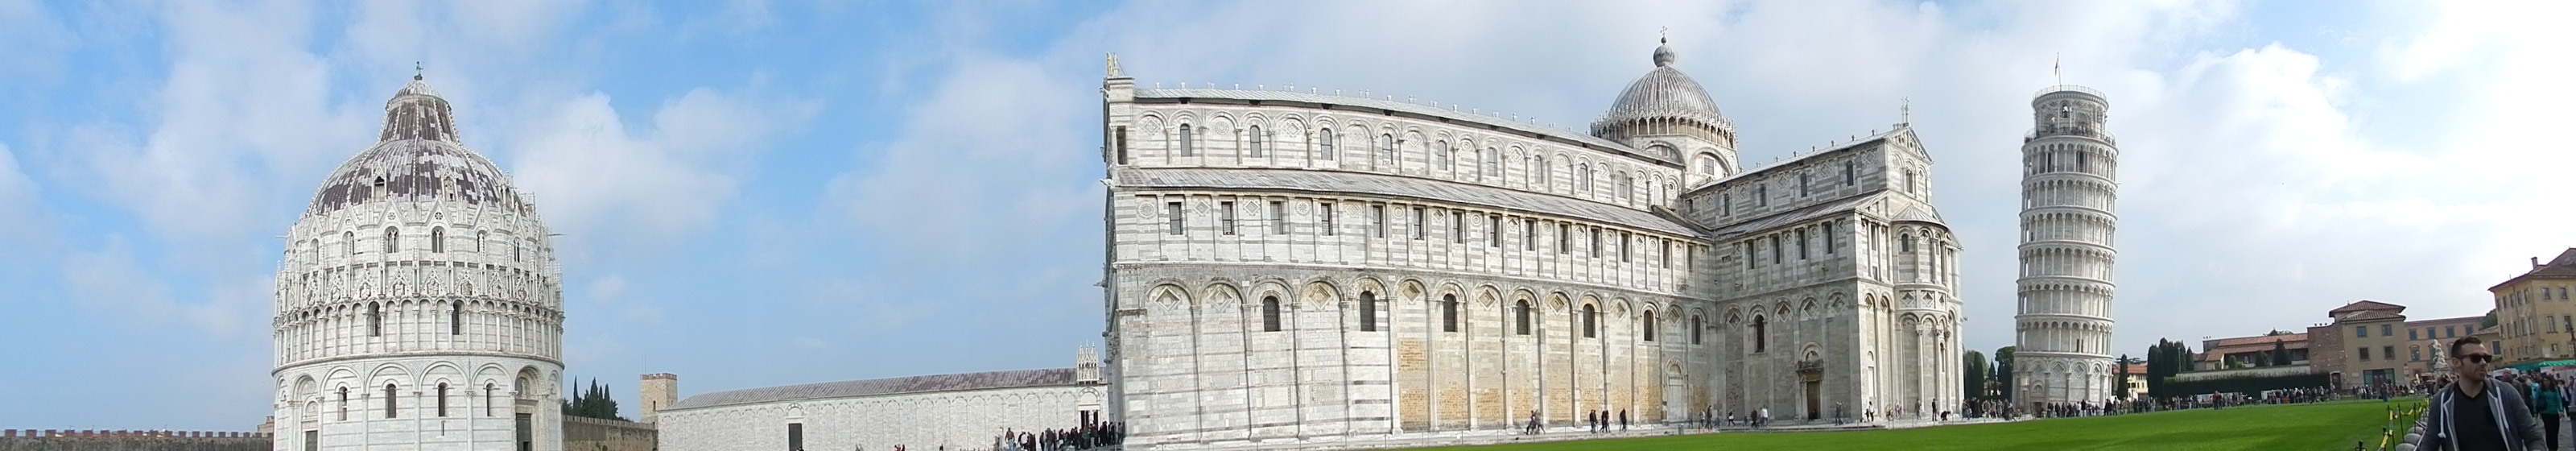 Passeggiando per le vie di Pisa